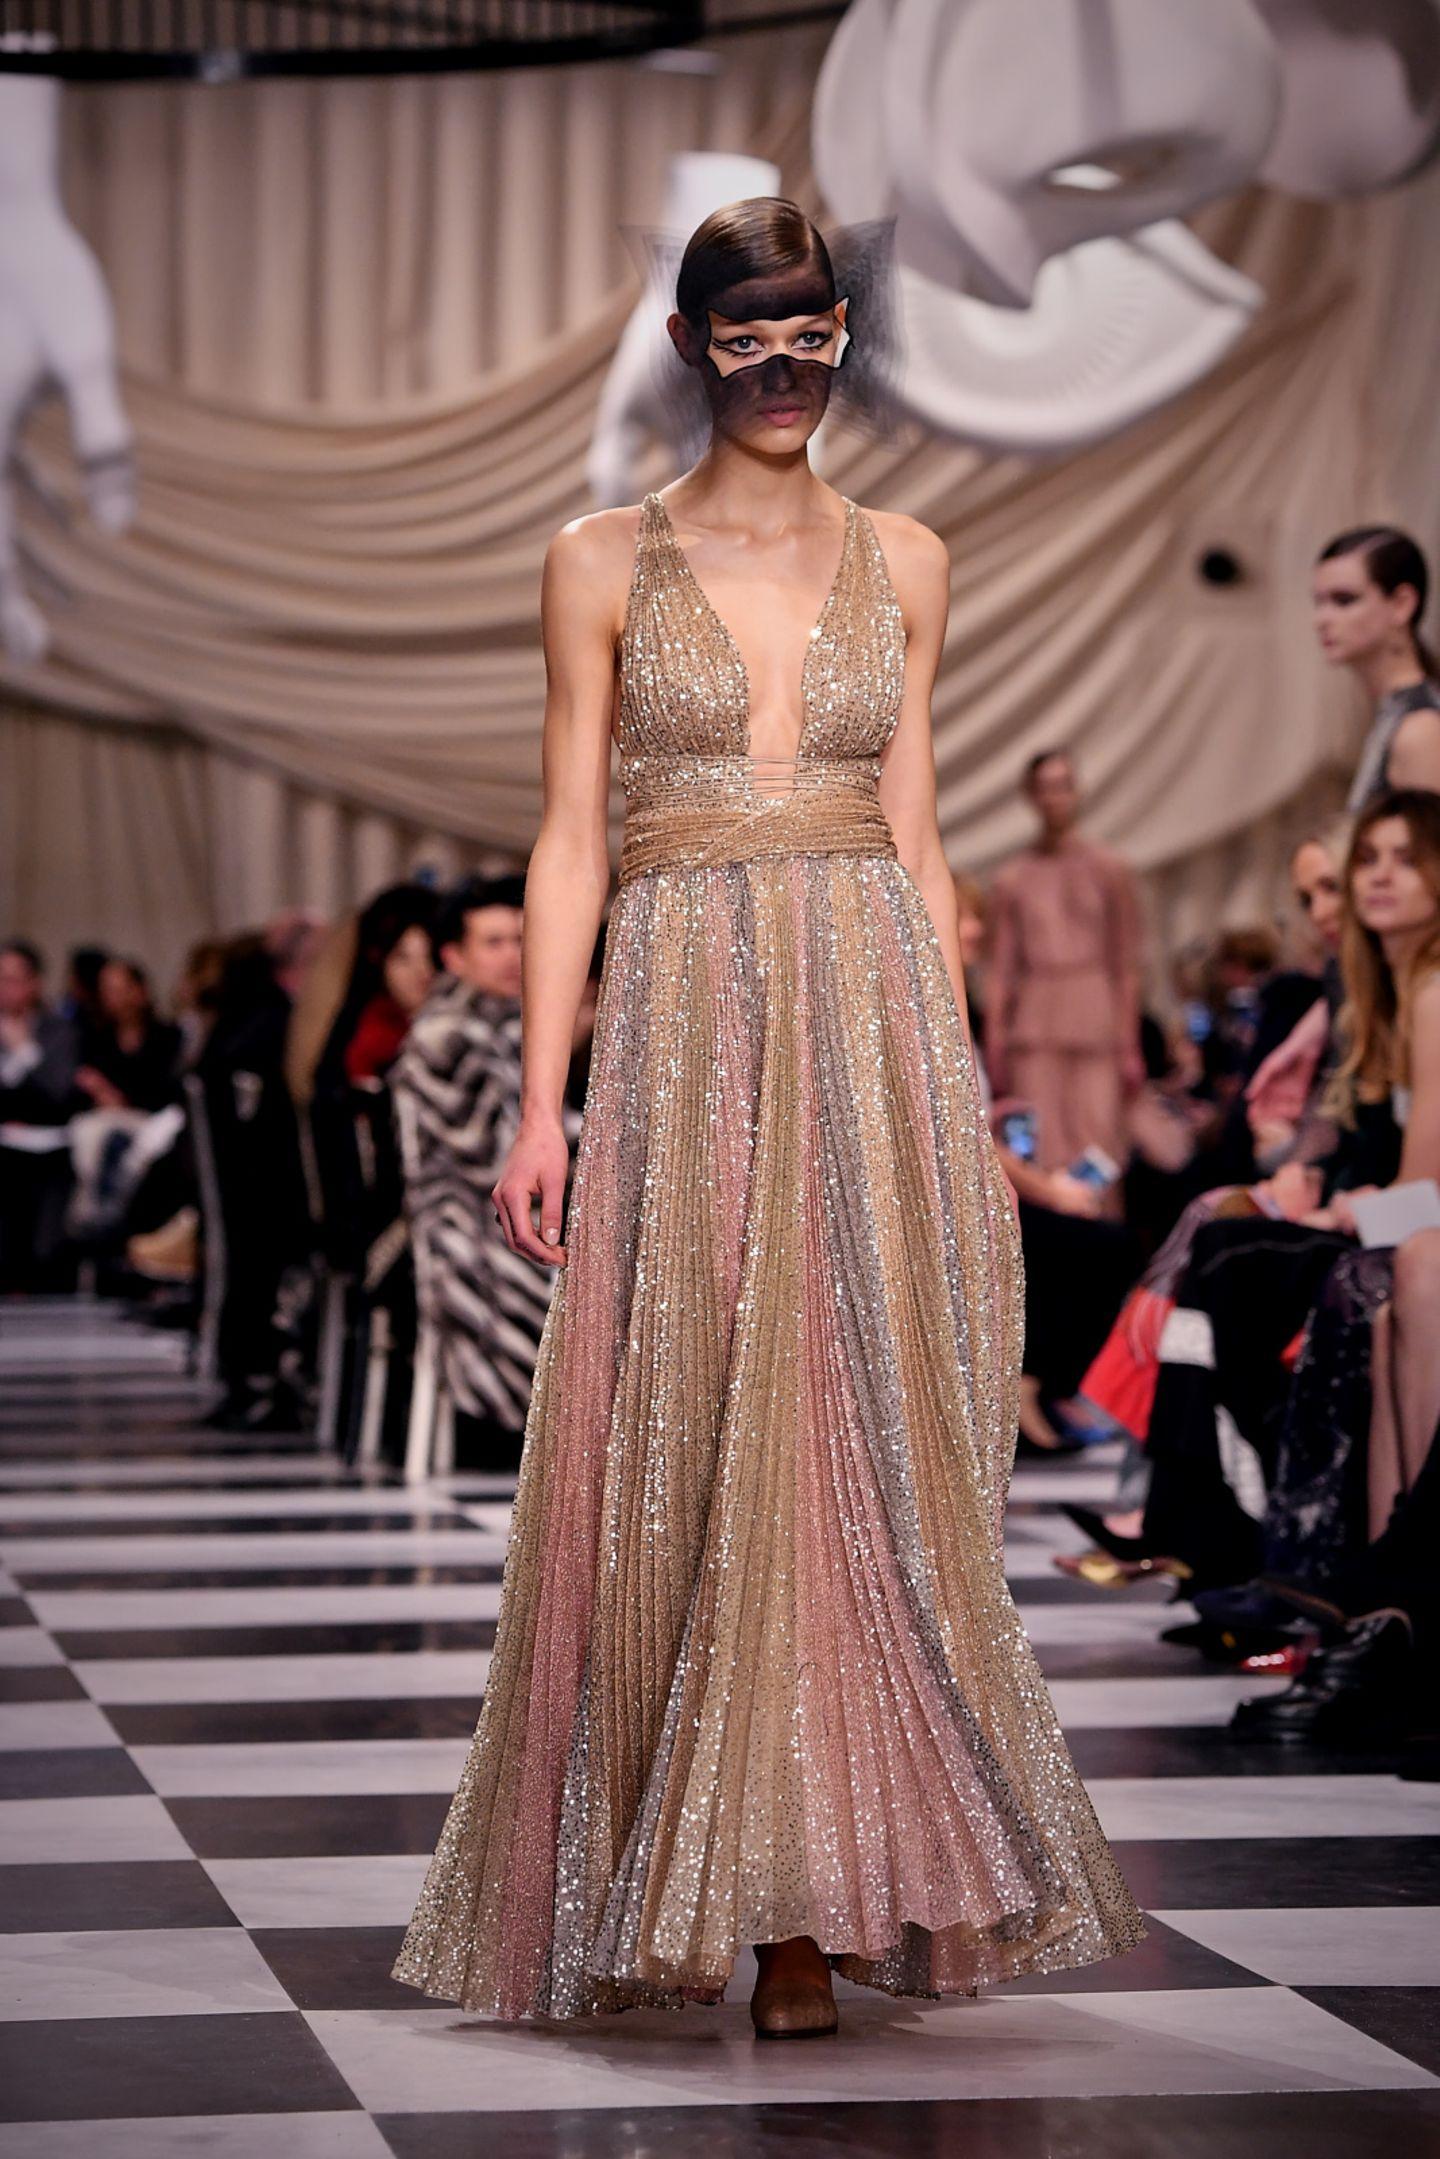 Das Kleid von Beatrice stammt aus der Haute-Couture-Kollektion von Dior und wurde im Januar 2018 während der Pariser Modewoche auf dem Laufsteg gezeigt. Der tiefe Ausschnitt und eindunklerMundschleier lassen den Look sexy wirken.